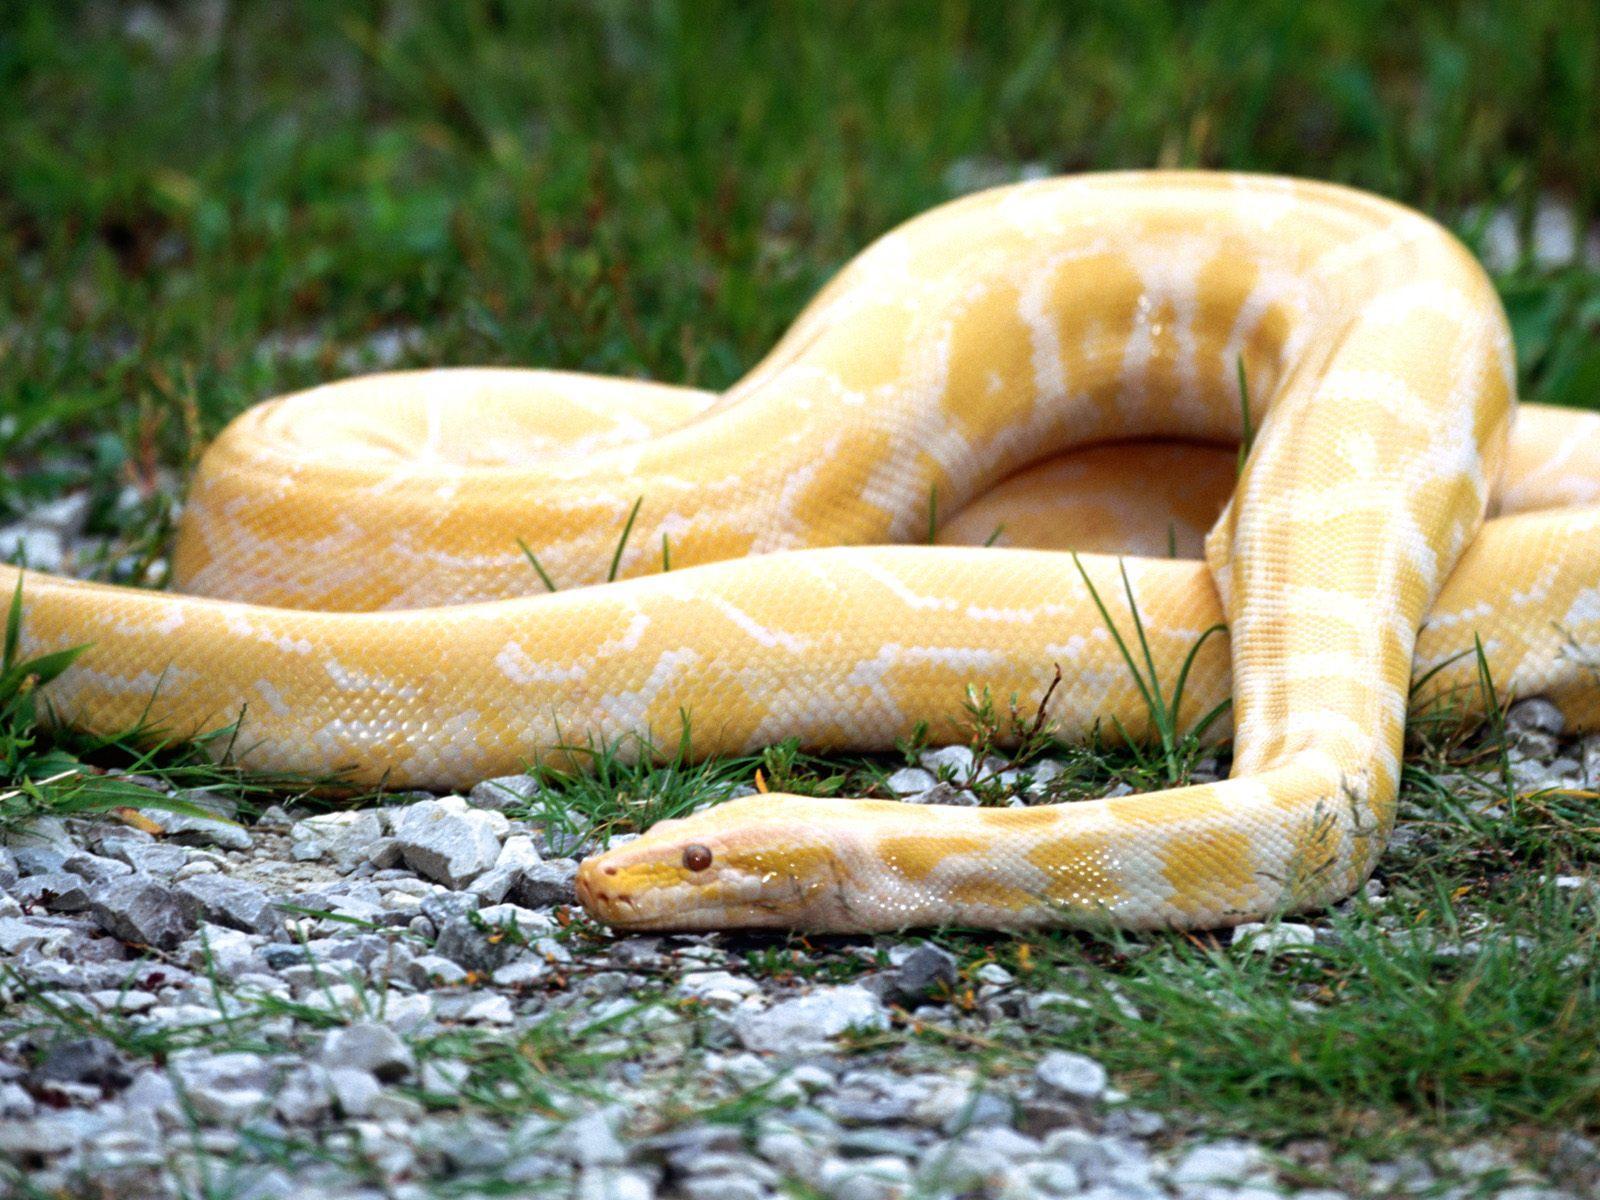 http://3.bp.blogspot.com/-hVcPyhdMHSI/TleO-dgxIkI/AAAAAAAABRQ/tZjUfkC64L4/s1600/white+snake+wallpaper.jpg